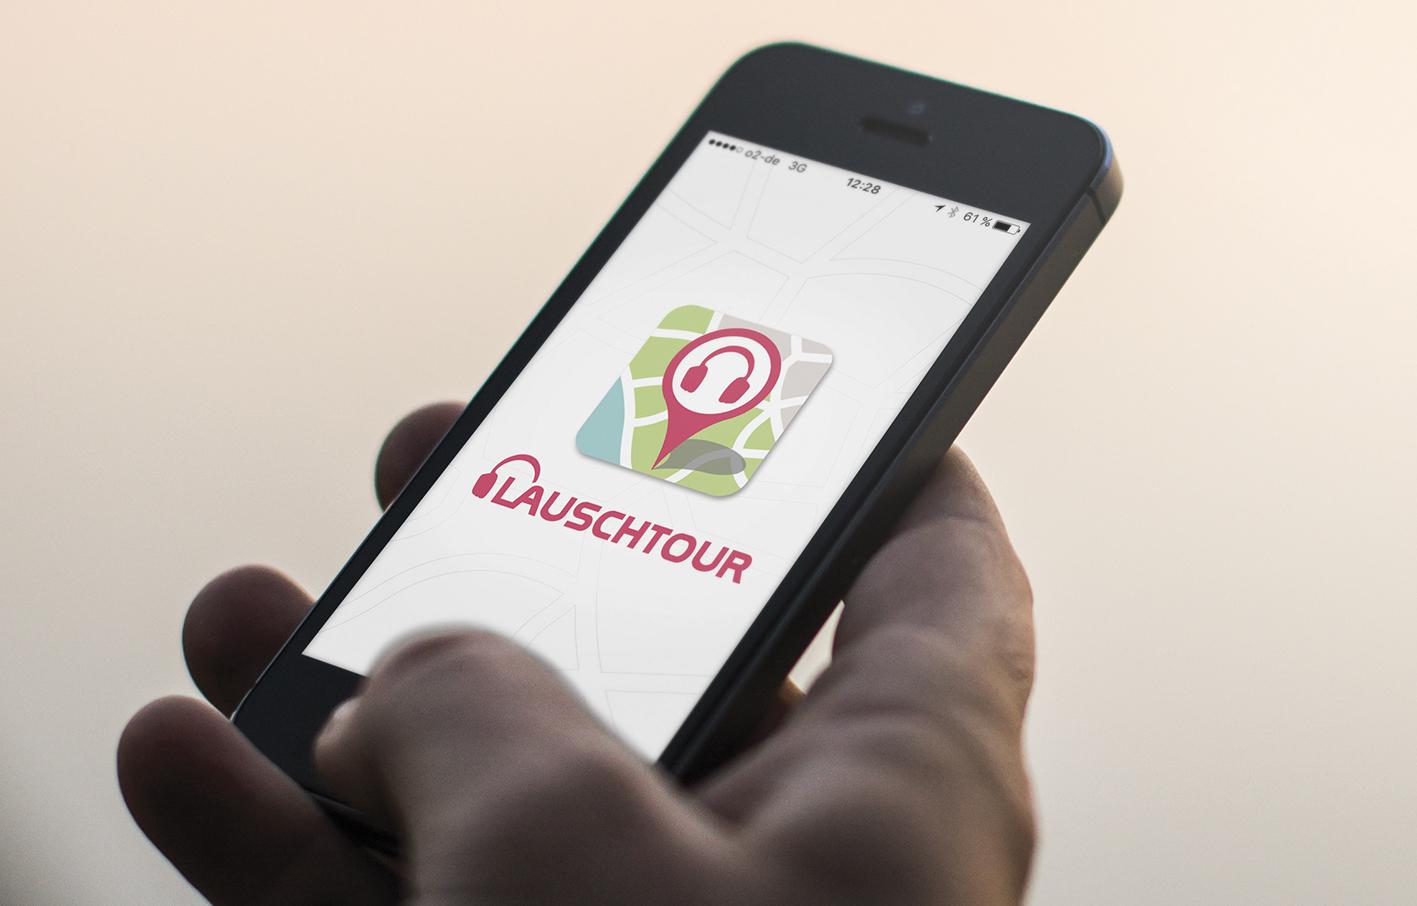 Lauschtour App